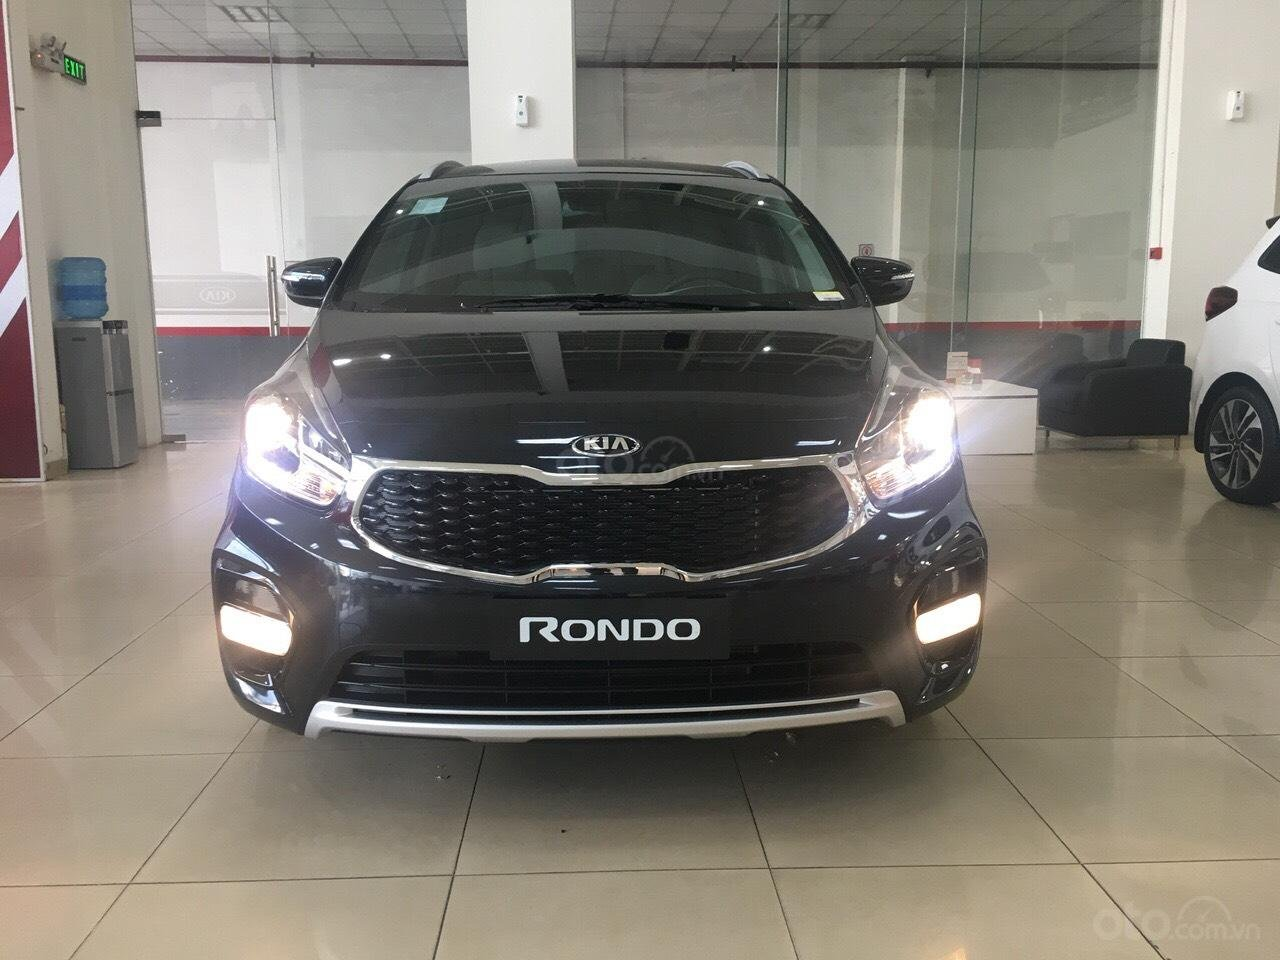 Kia Rondo GAT 2019 option trang bị cao nhất phân khúc minivan giảm tiền mặt + tặng BHVC xe-4